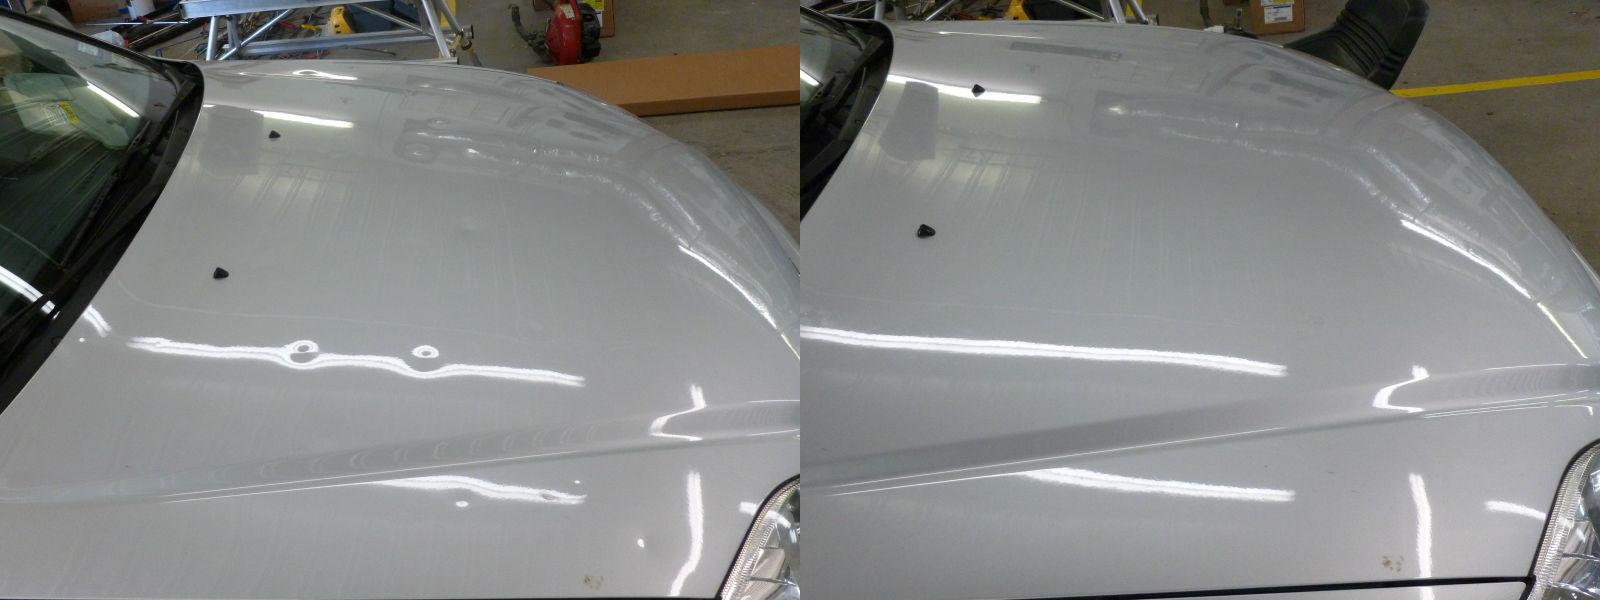 Как выпрямить крышу автомобиля своими руками видео